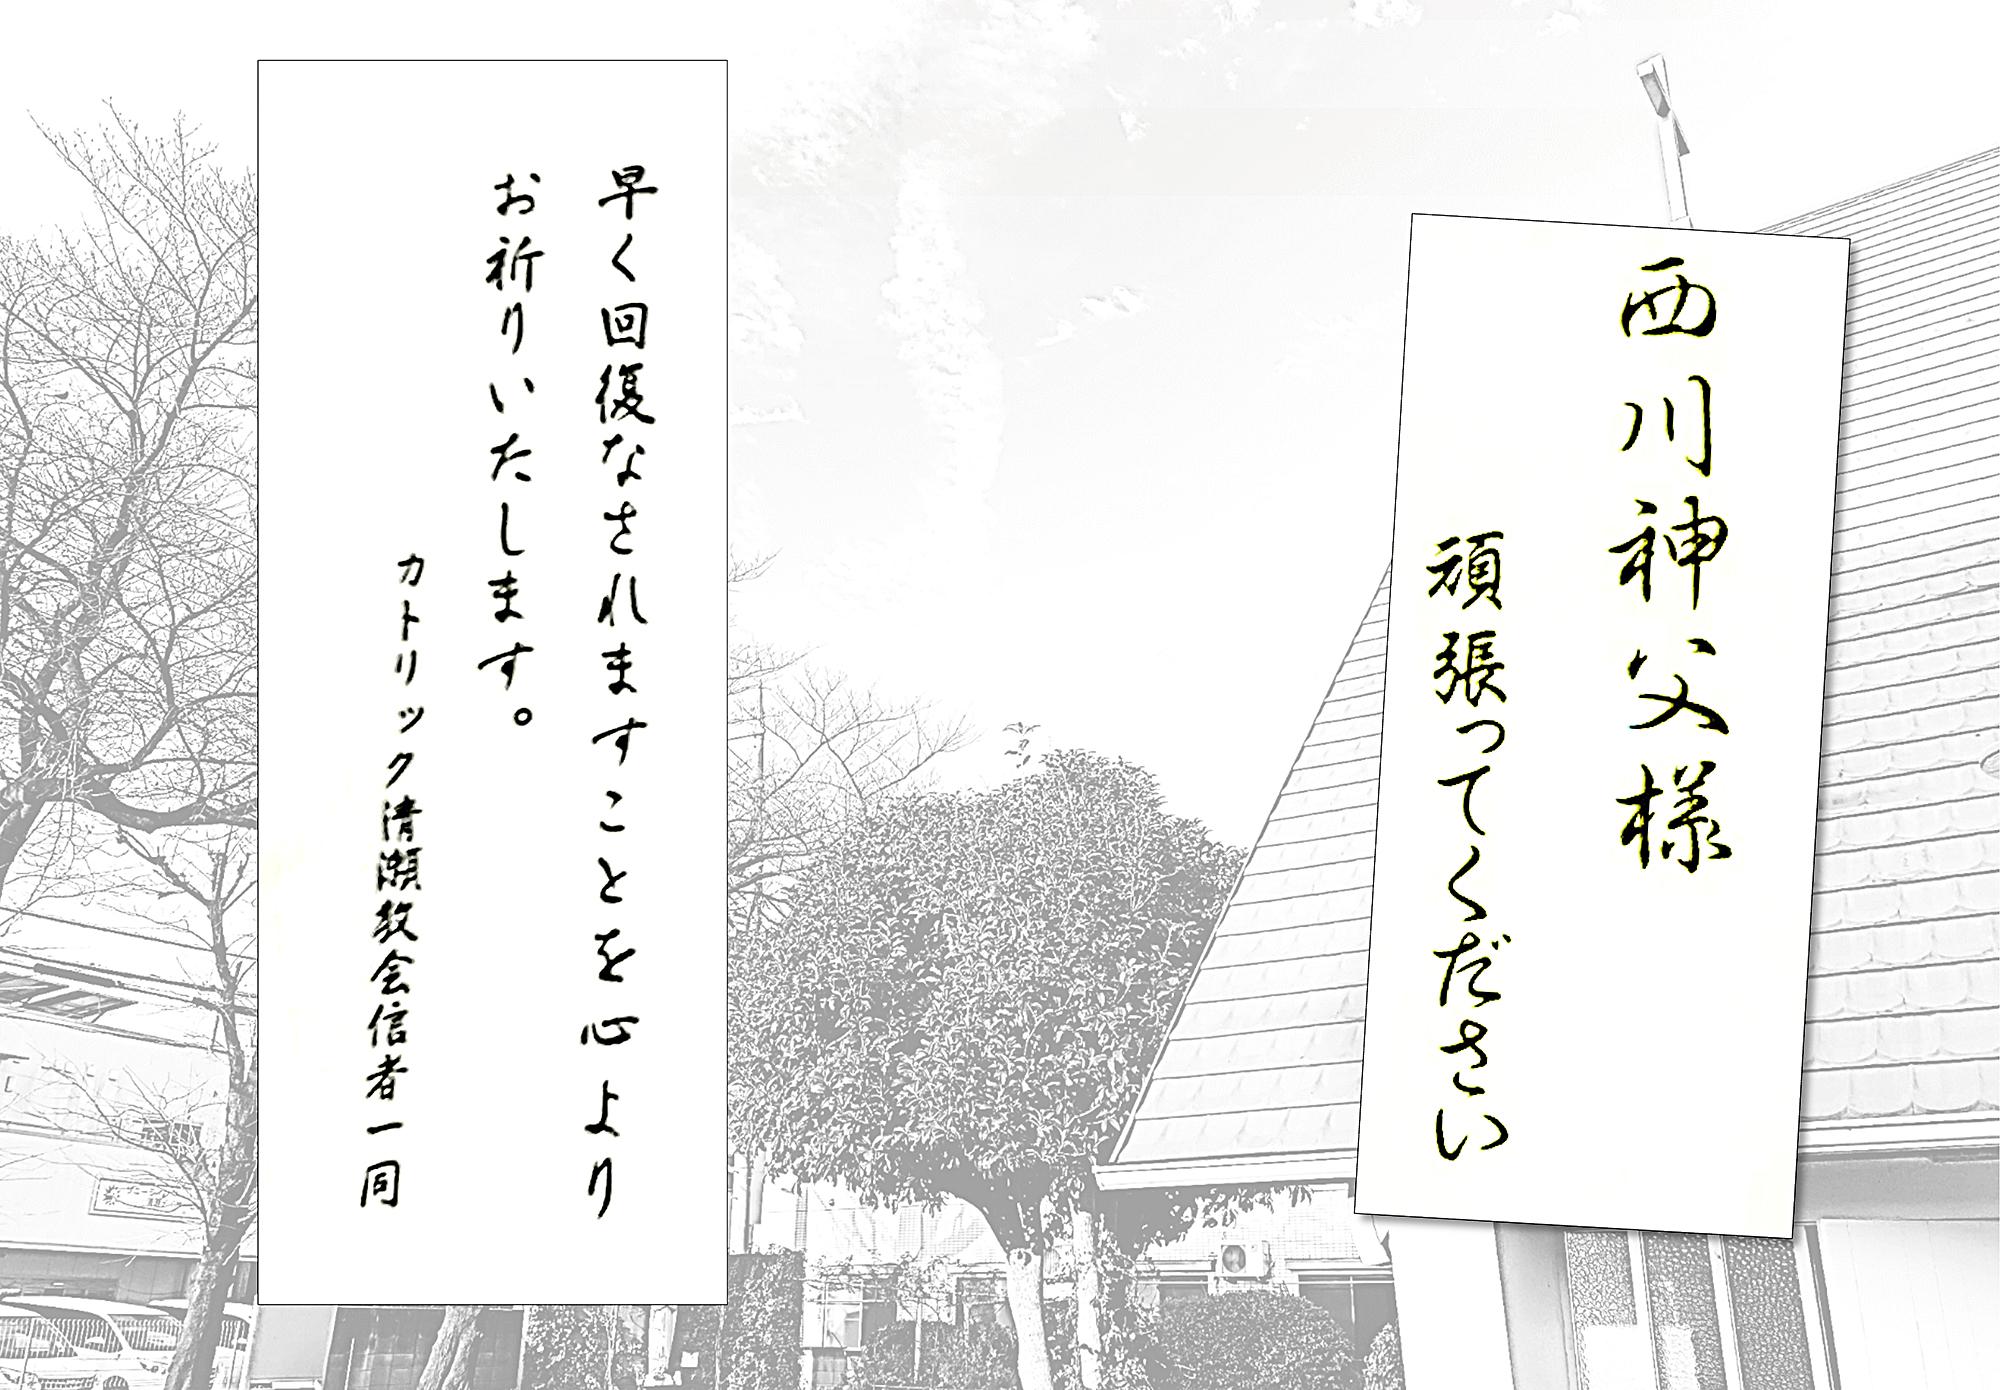 清瀬教会のお知らせ2021.3.21裏